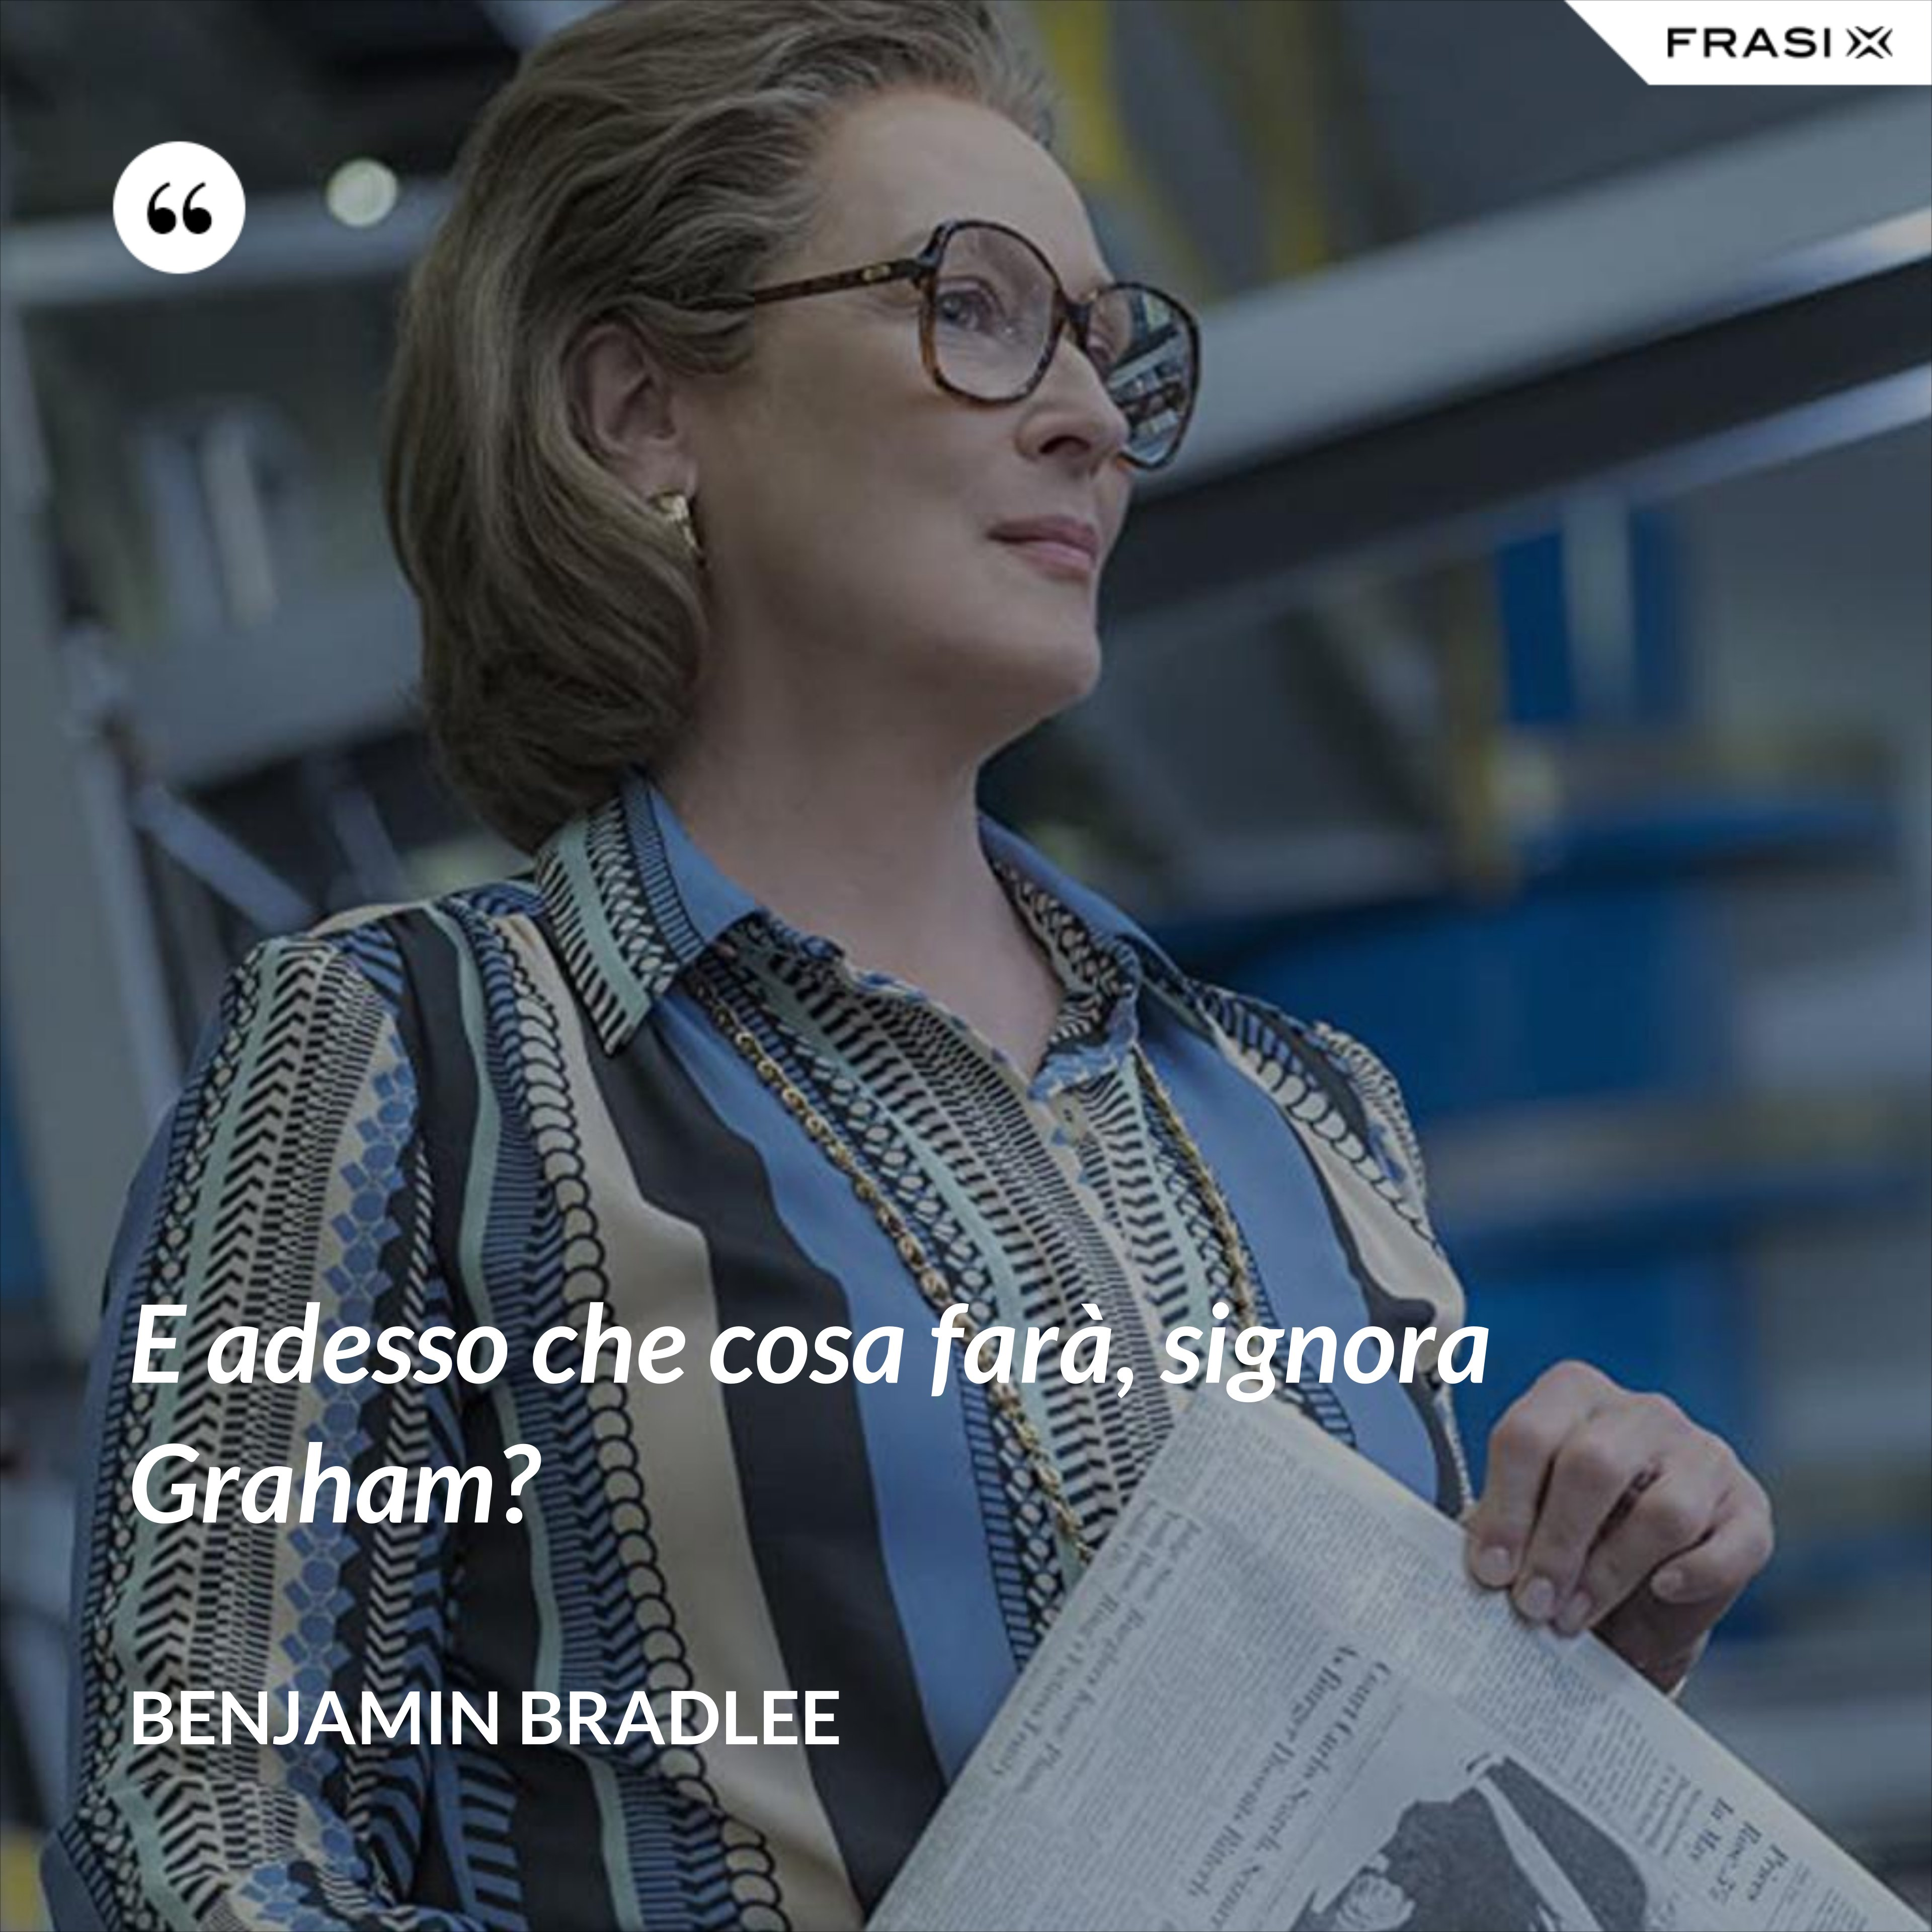 E adesso che cosa farà, signora Graham? - Benjamin Bradlee